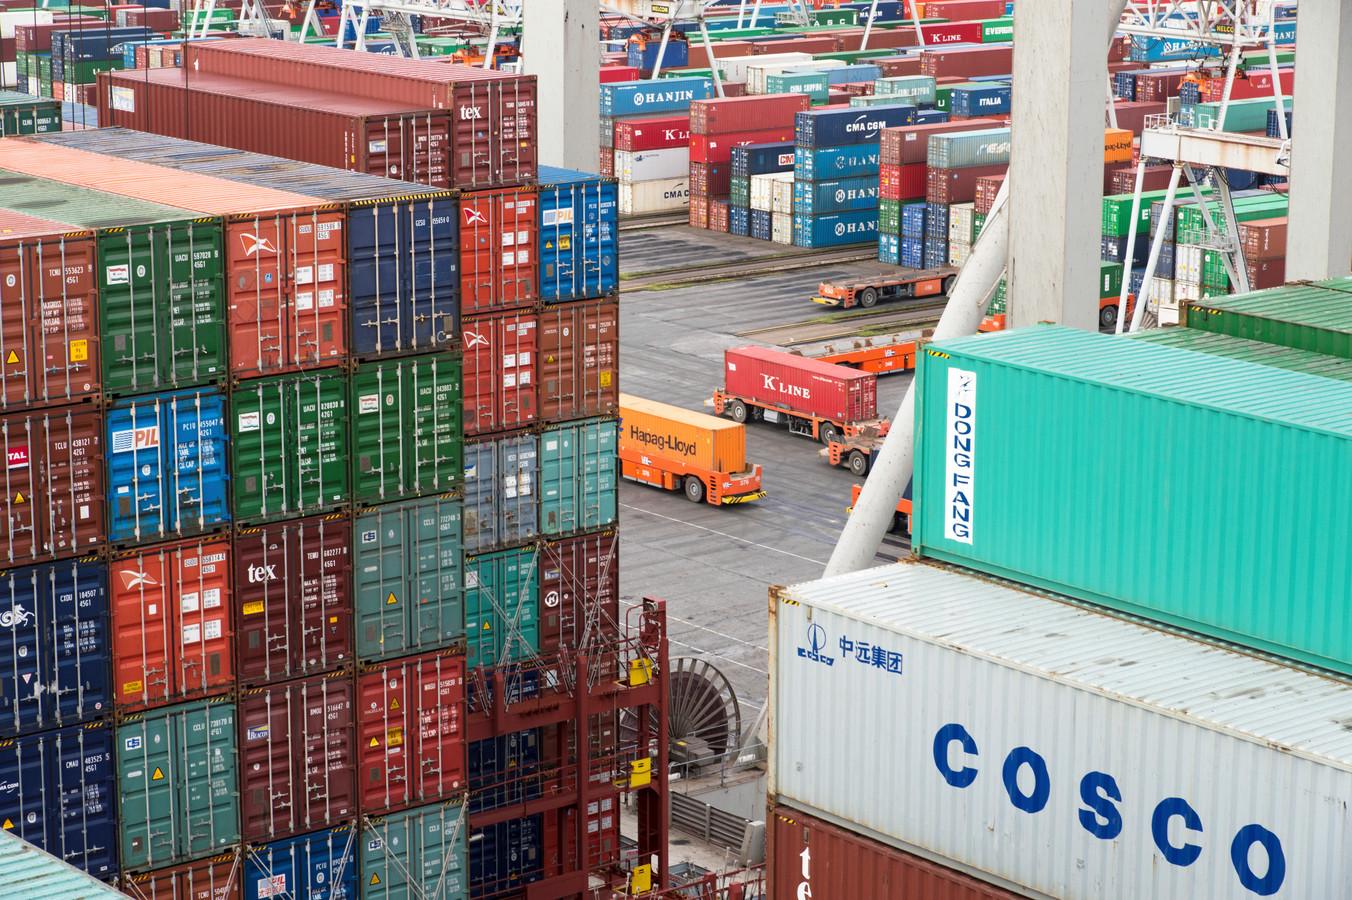 Afgedankte zeecontainers zouden met het project een nieuw leven krijgen. Afbeelding ter illustratie.